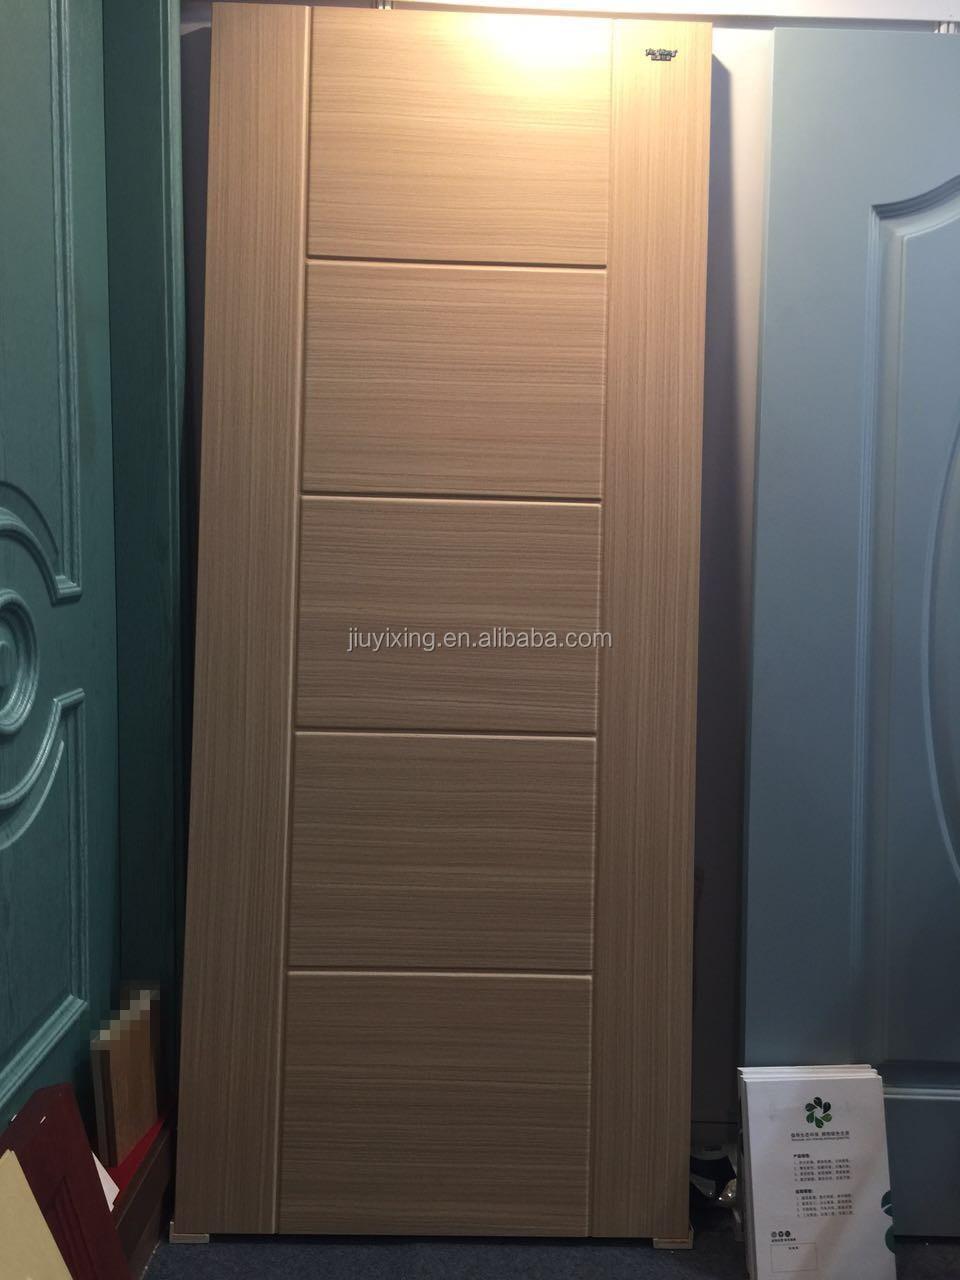 yingkang sederhana desain suara-bukti pintu kamar hotel dengan indah